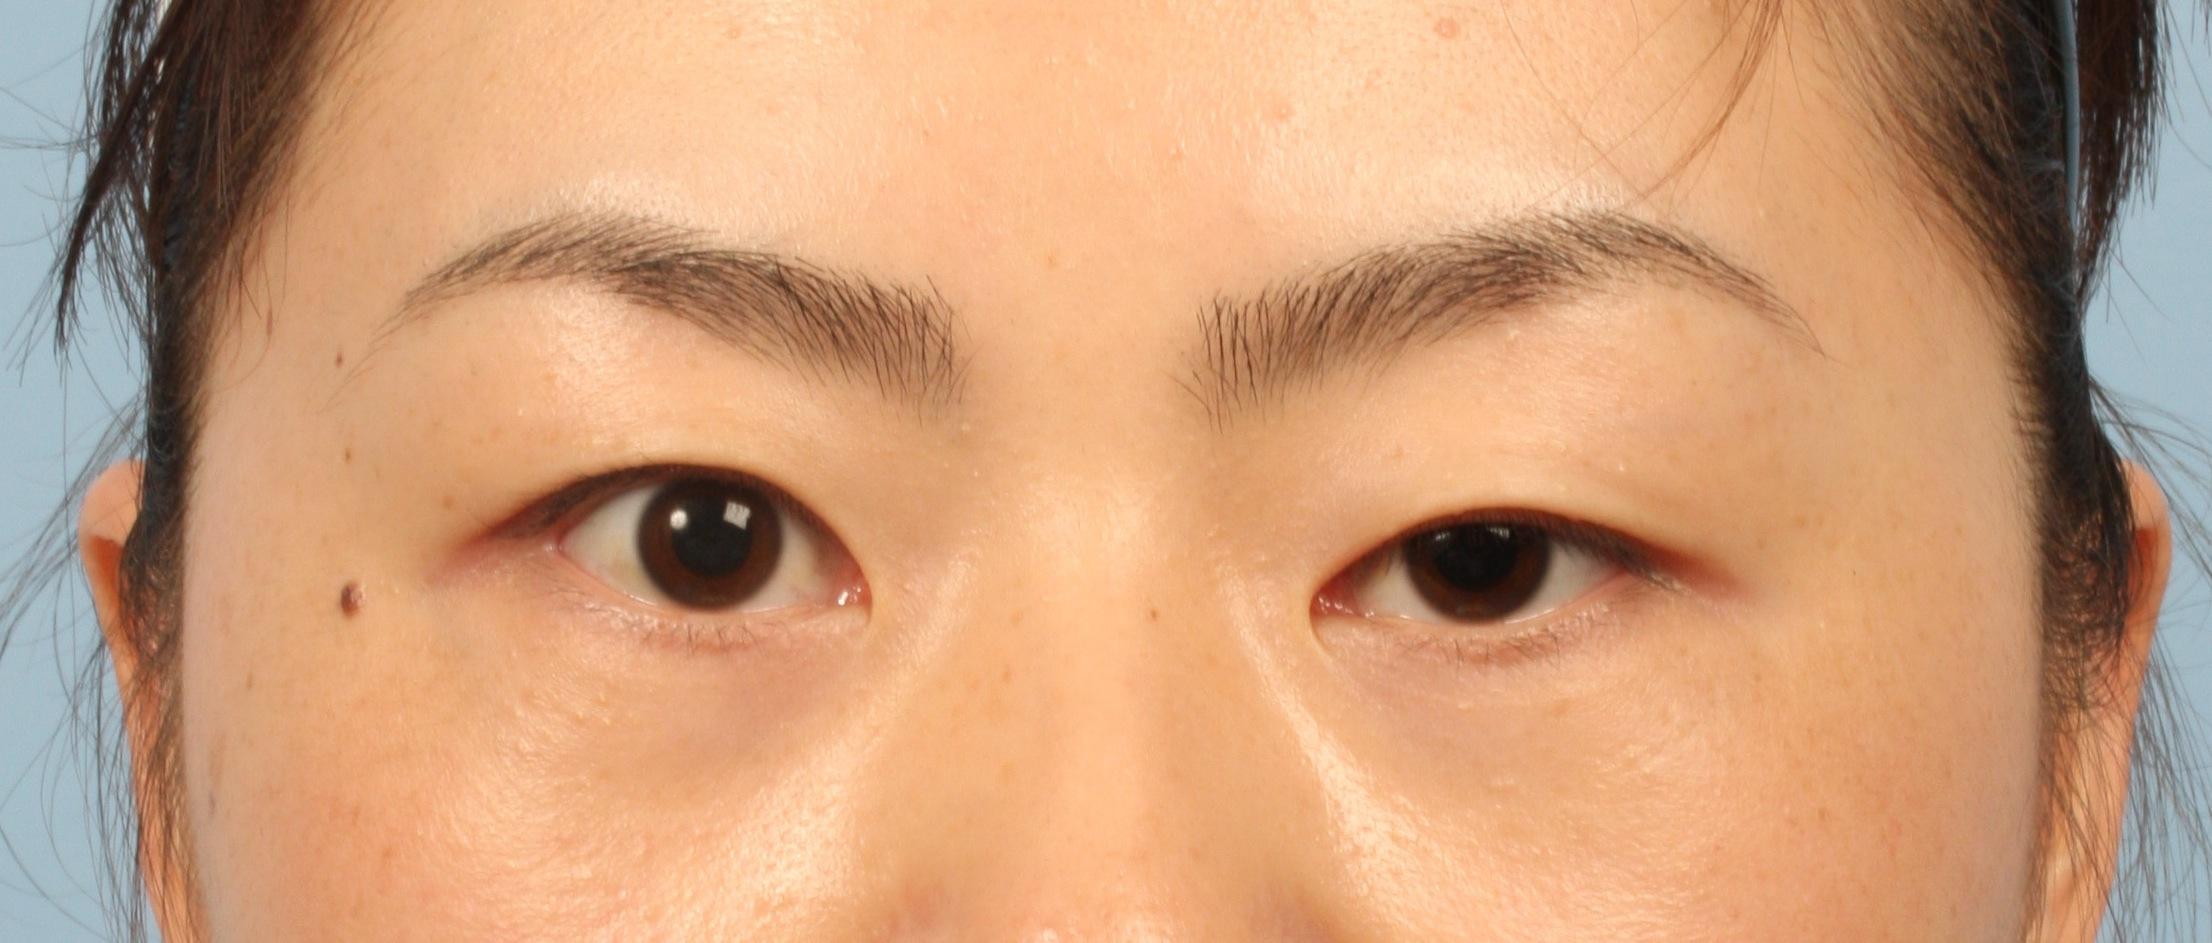 Làm thế nào để giảm sụp mí mắt? 1